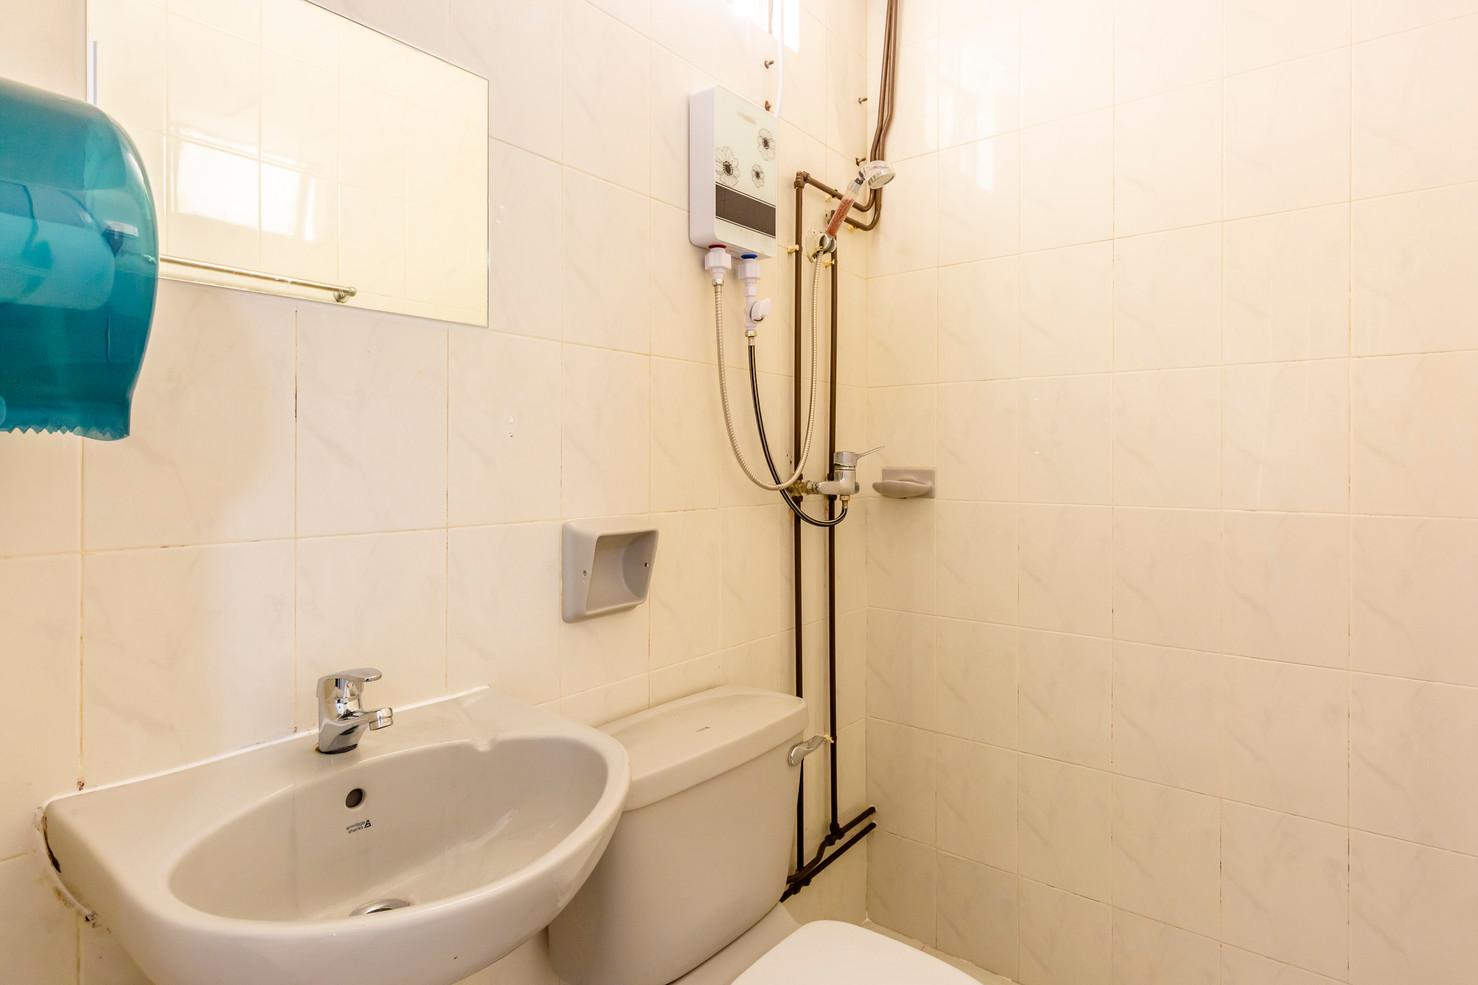 Toilet 3.jpg